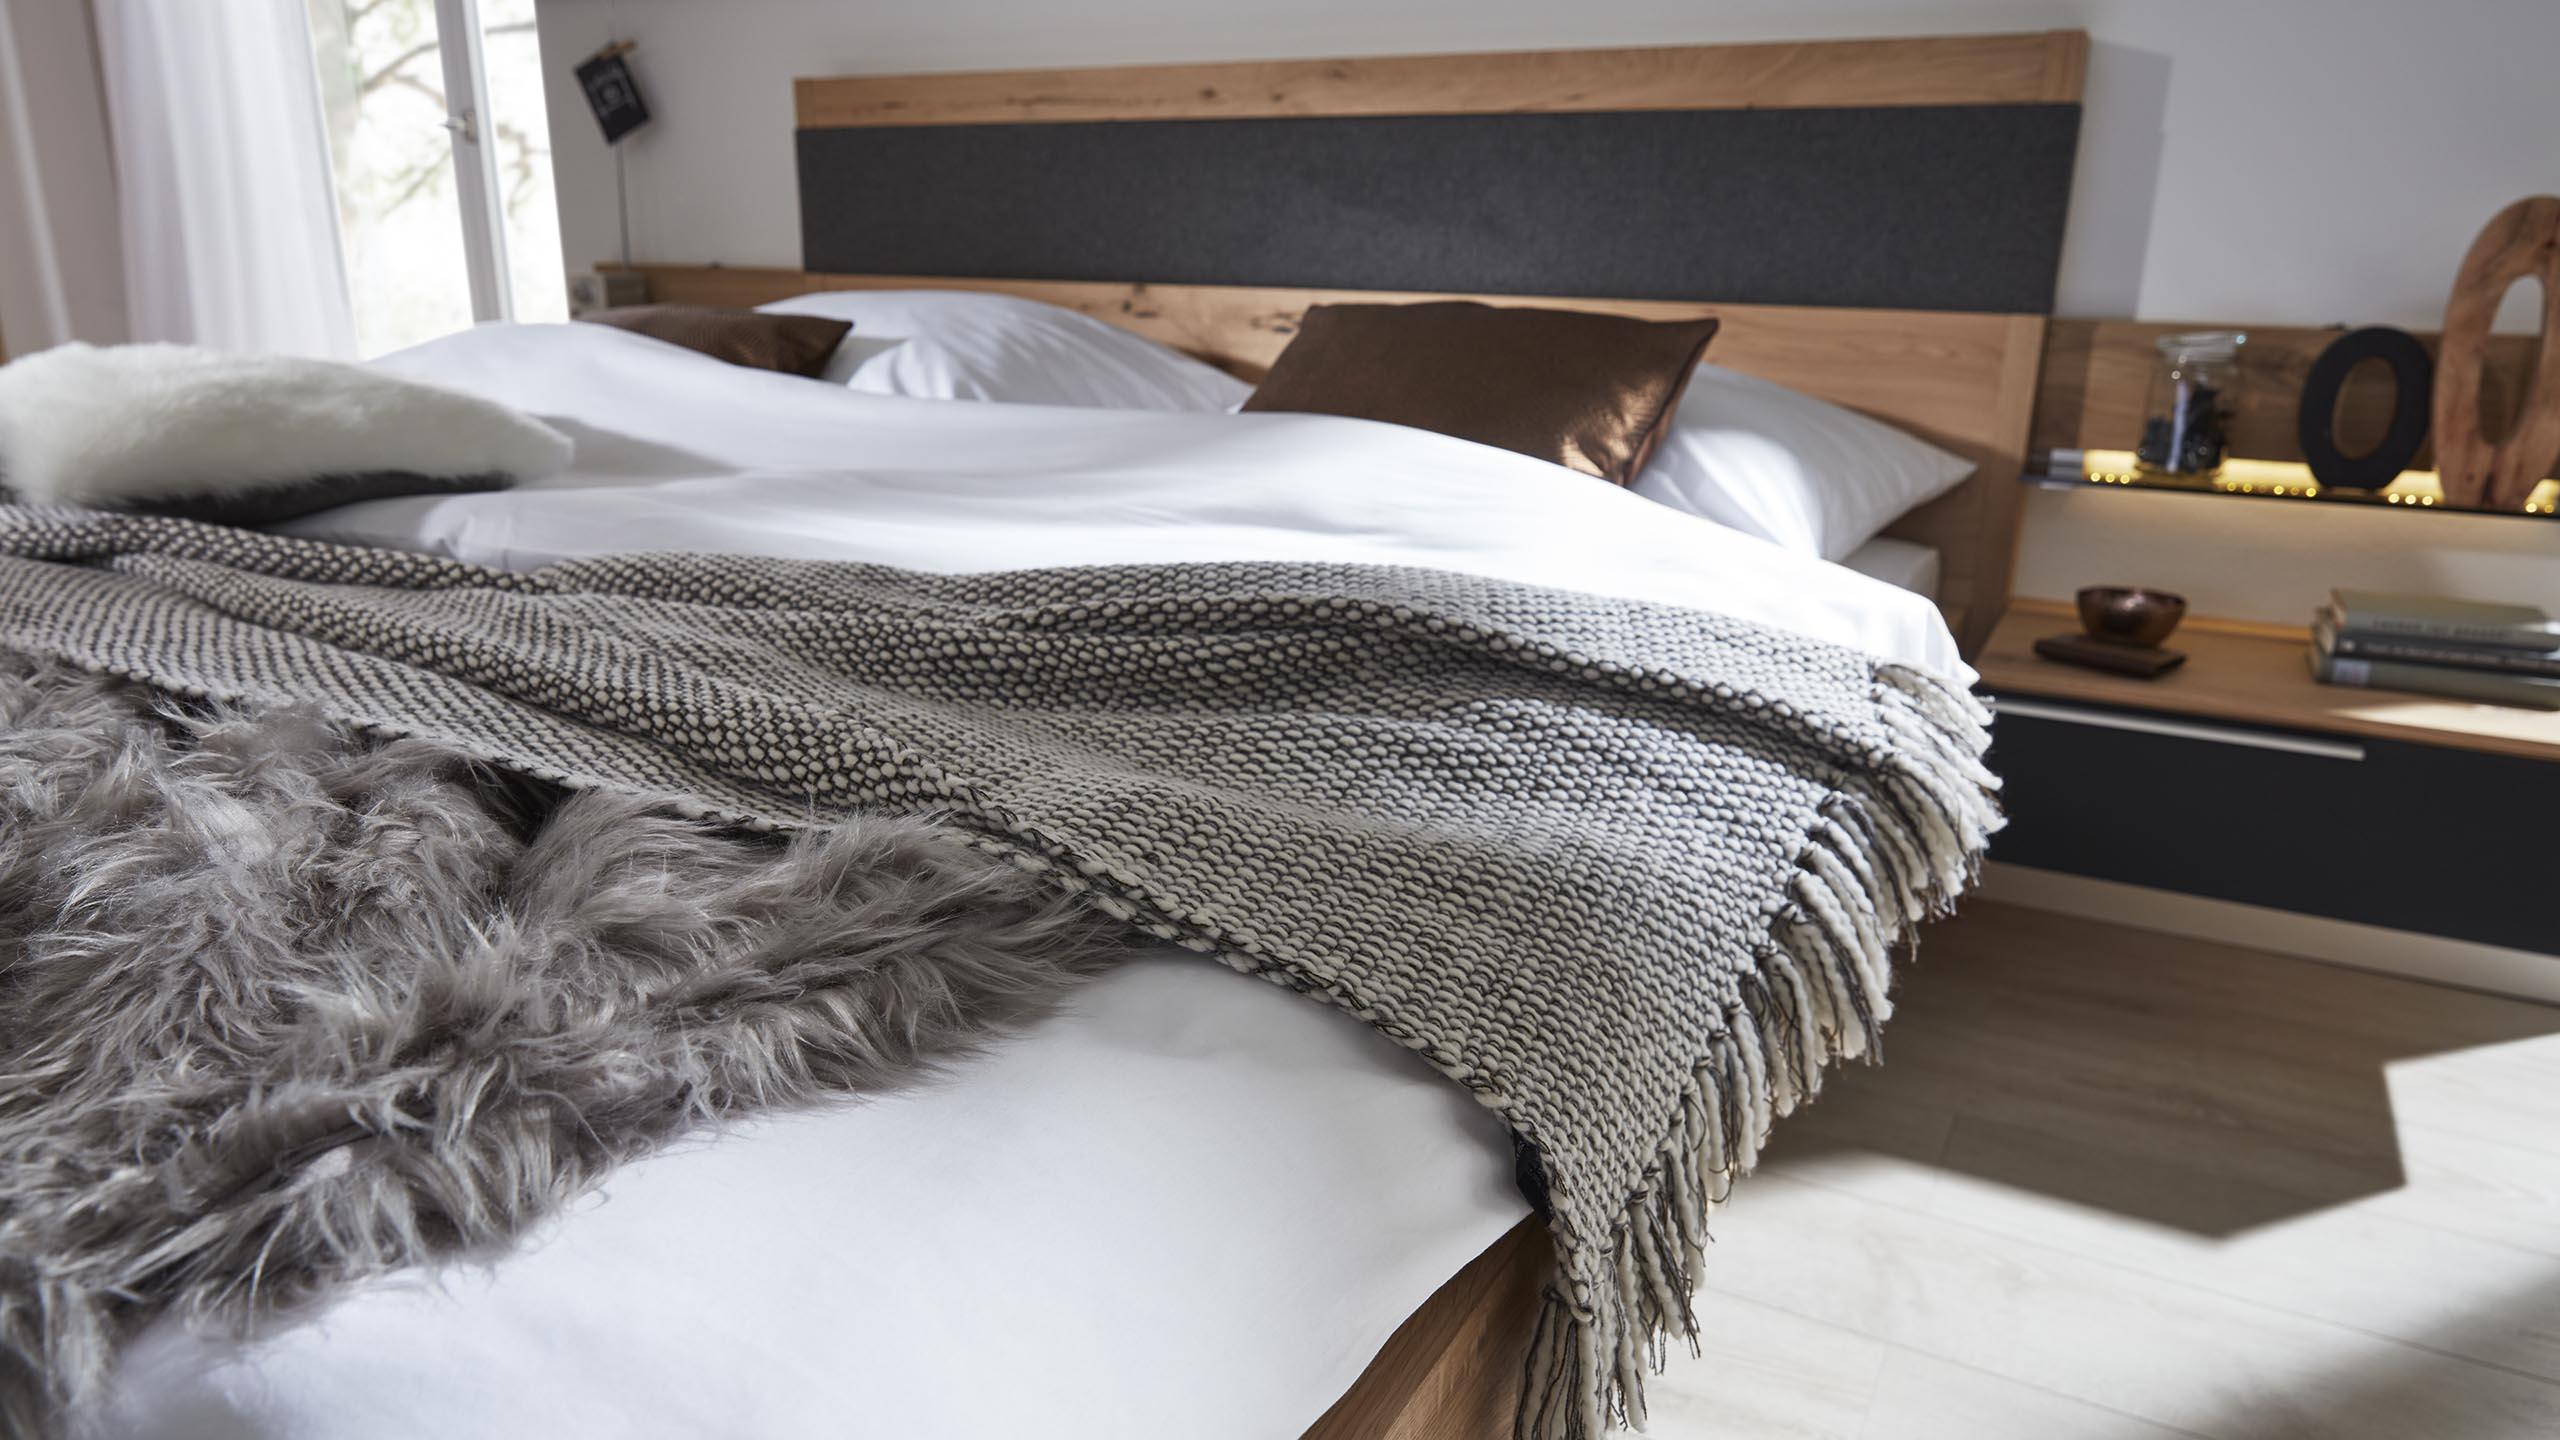 Ast deko schlafzimmer bettw sche hellgrau poco m bel for Danisches bettenlager ingolstadt